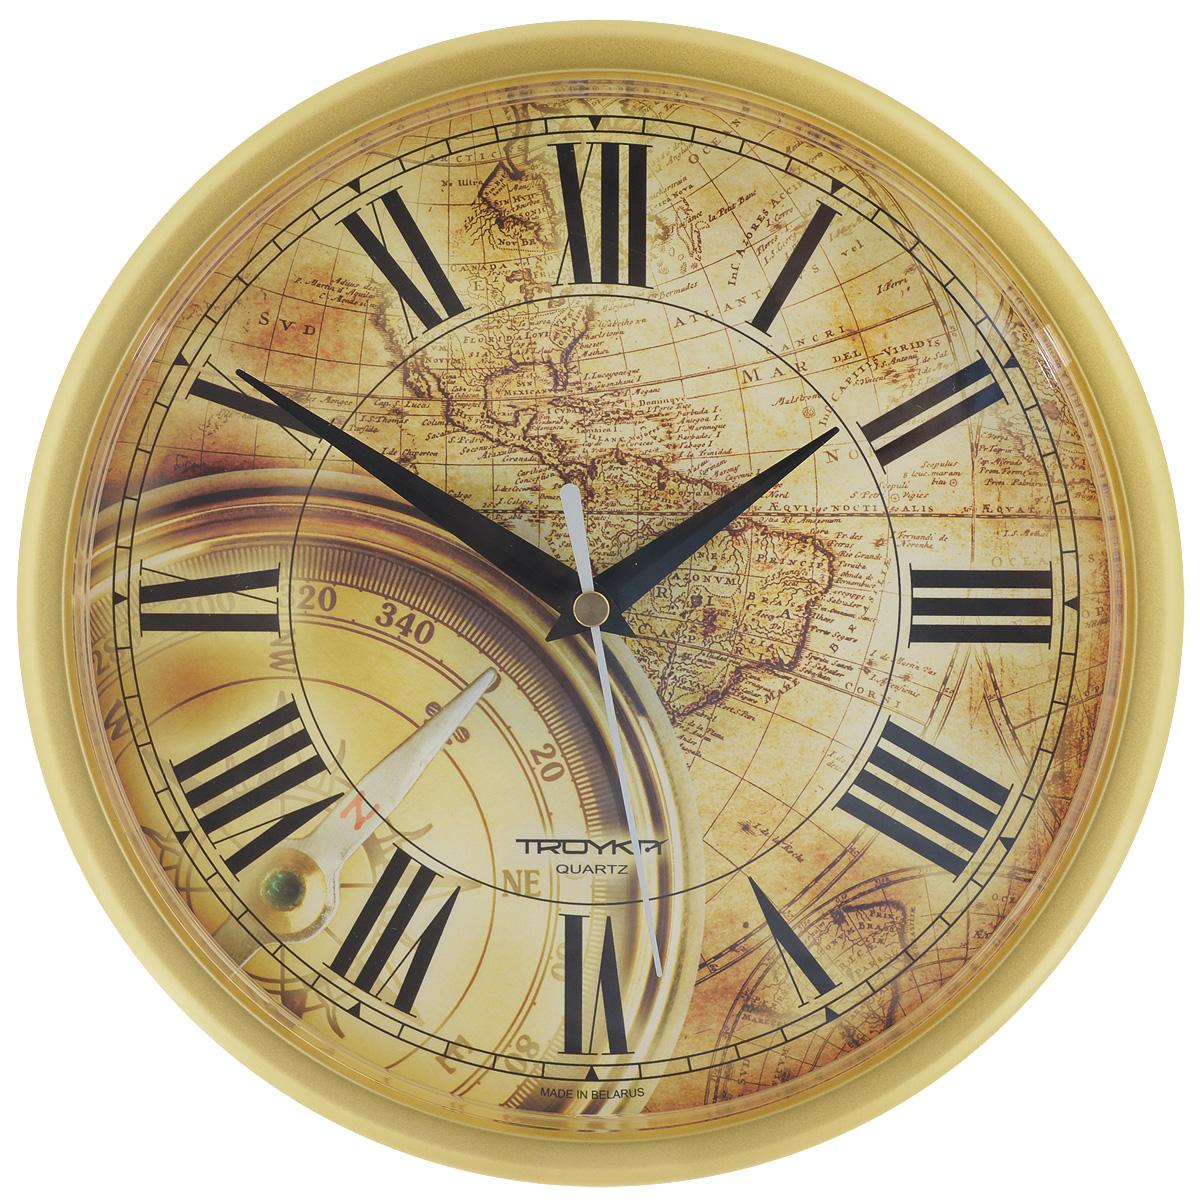 Часы настенные Troyka Компас, цвет: золотистый, светло-коричневый. 9197192691971926Настенные кварцевые часы Troyka Компас, изготовленные из пластика, прекрасно подойдут под интерьер вашего дома. Круглые часы имеют три стрелки: часовую, минутную и секундную, циферблат украшен изображением компаса на фоне старинной карты и защищен прозрачным пластиком. Диаметр часов: 22,5 см. Часы работают от 1 батарейки типа АА напряжением 1,5 В (входит в комплект).